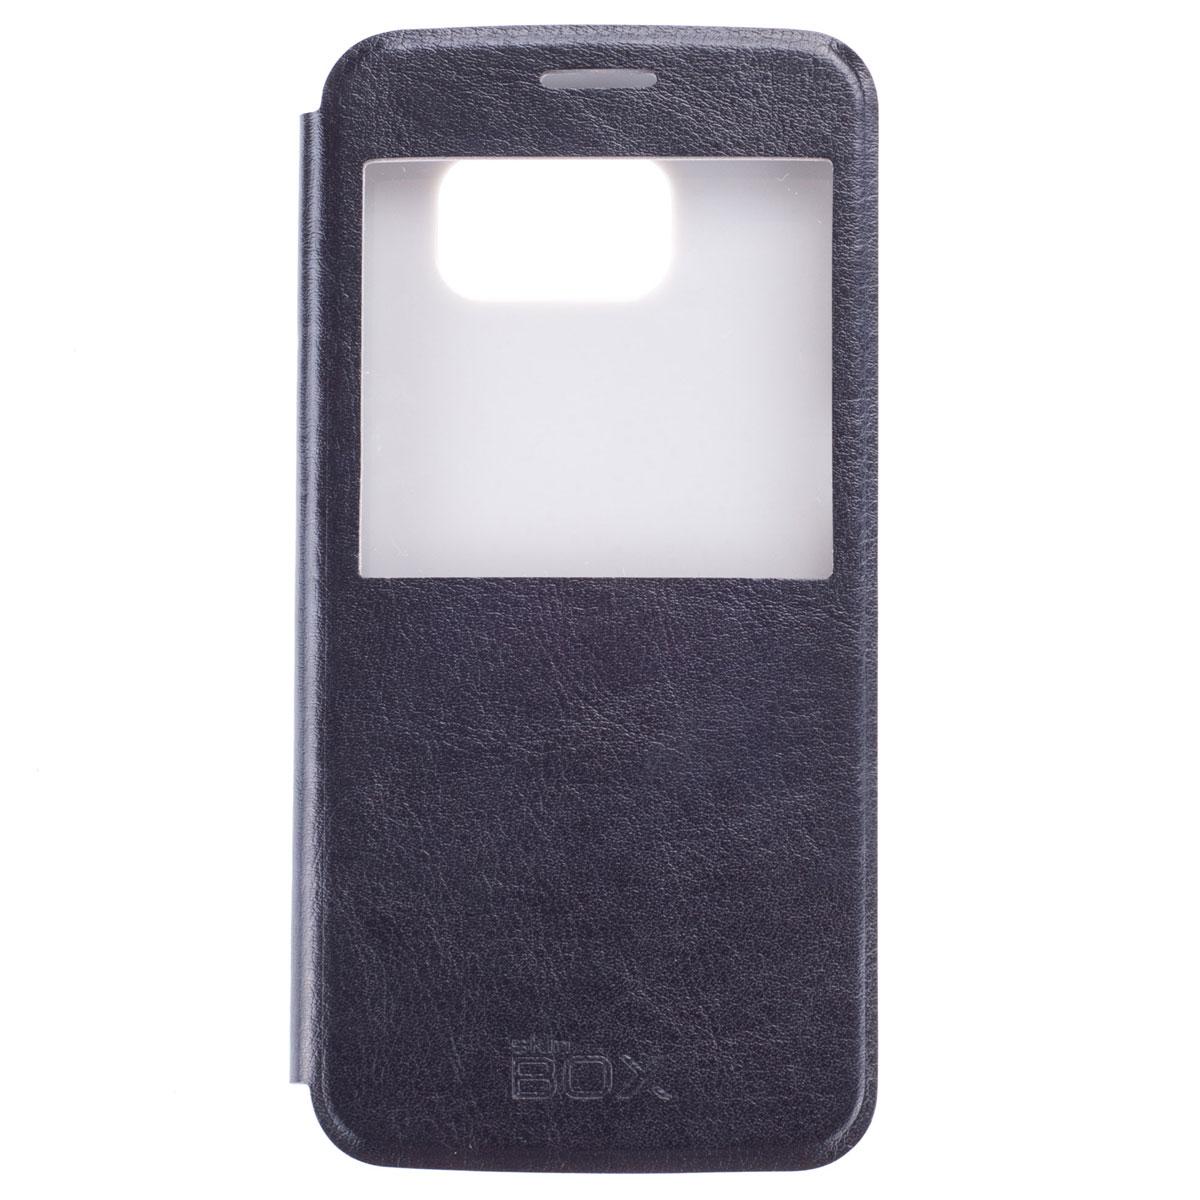 Skinbox Lux AW чехол для Samsung Galaxy S6, BlackT-S-SGS6-004Чехол Skinbox Lux AW выполнен из высококачественного поликарбоната и экокожи. Он обеспечивает надежную защиту корпуса и экрана смартфона и надолго сохраняет его привлекательный внешний вид. Чехол также обеспечивает свободный доступ ко всем разъемам и клавишам устройства.